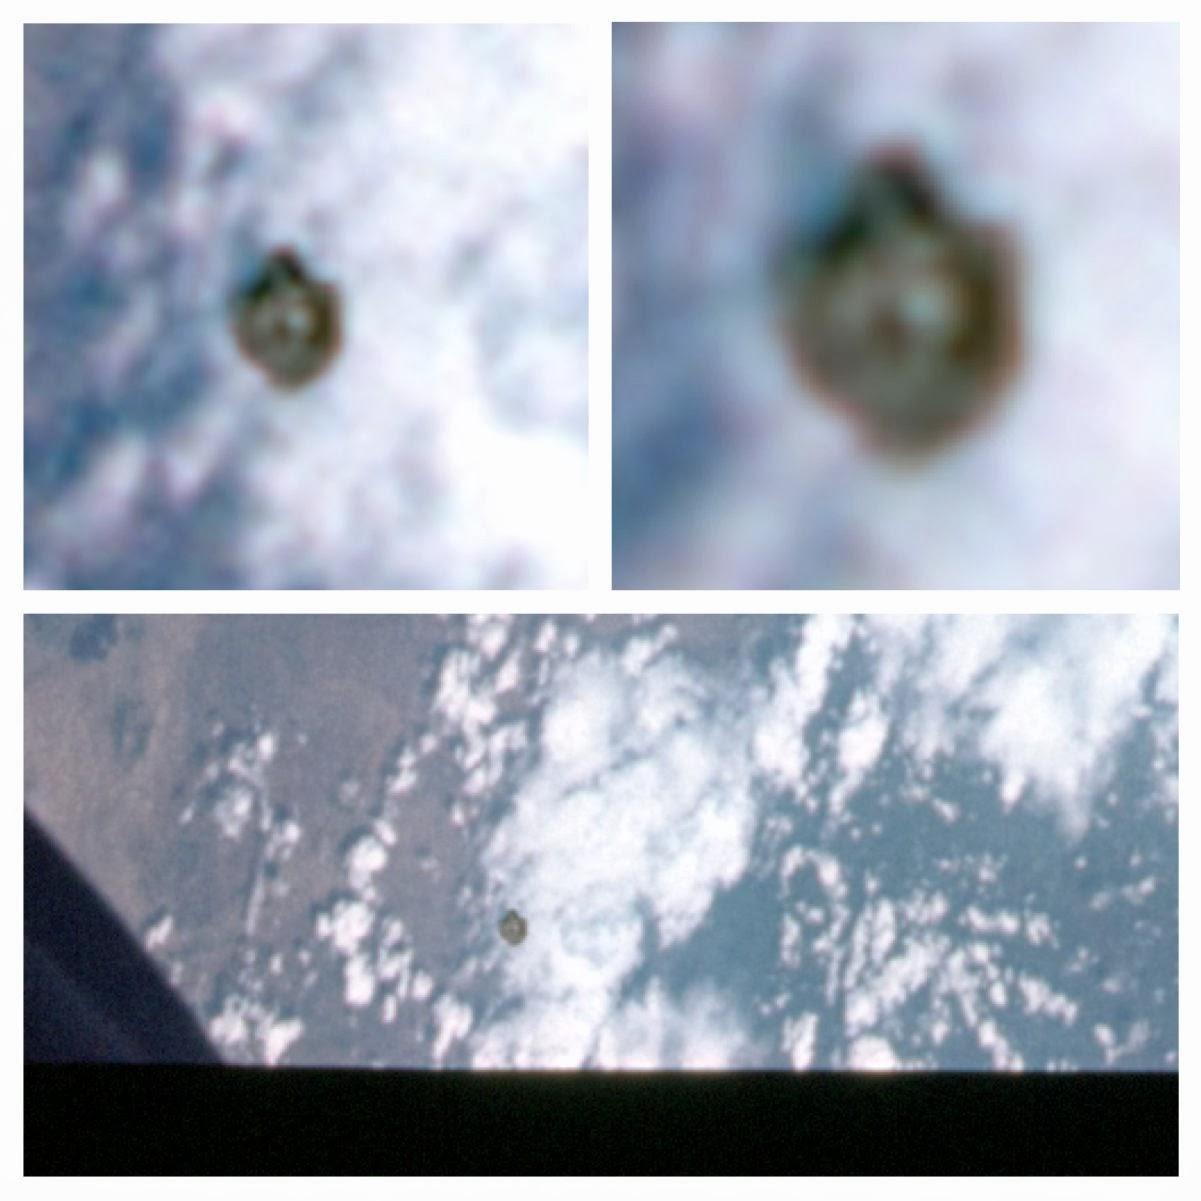 Ufo Sightings Daily Ufo Near Gemini 11 In Earths Orbit